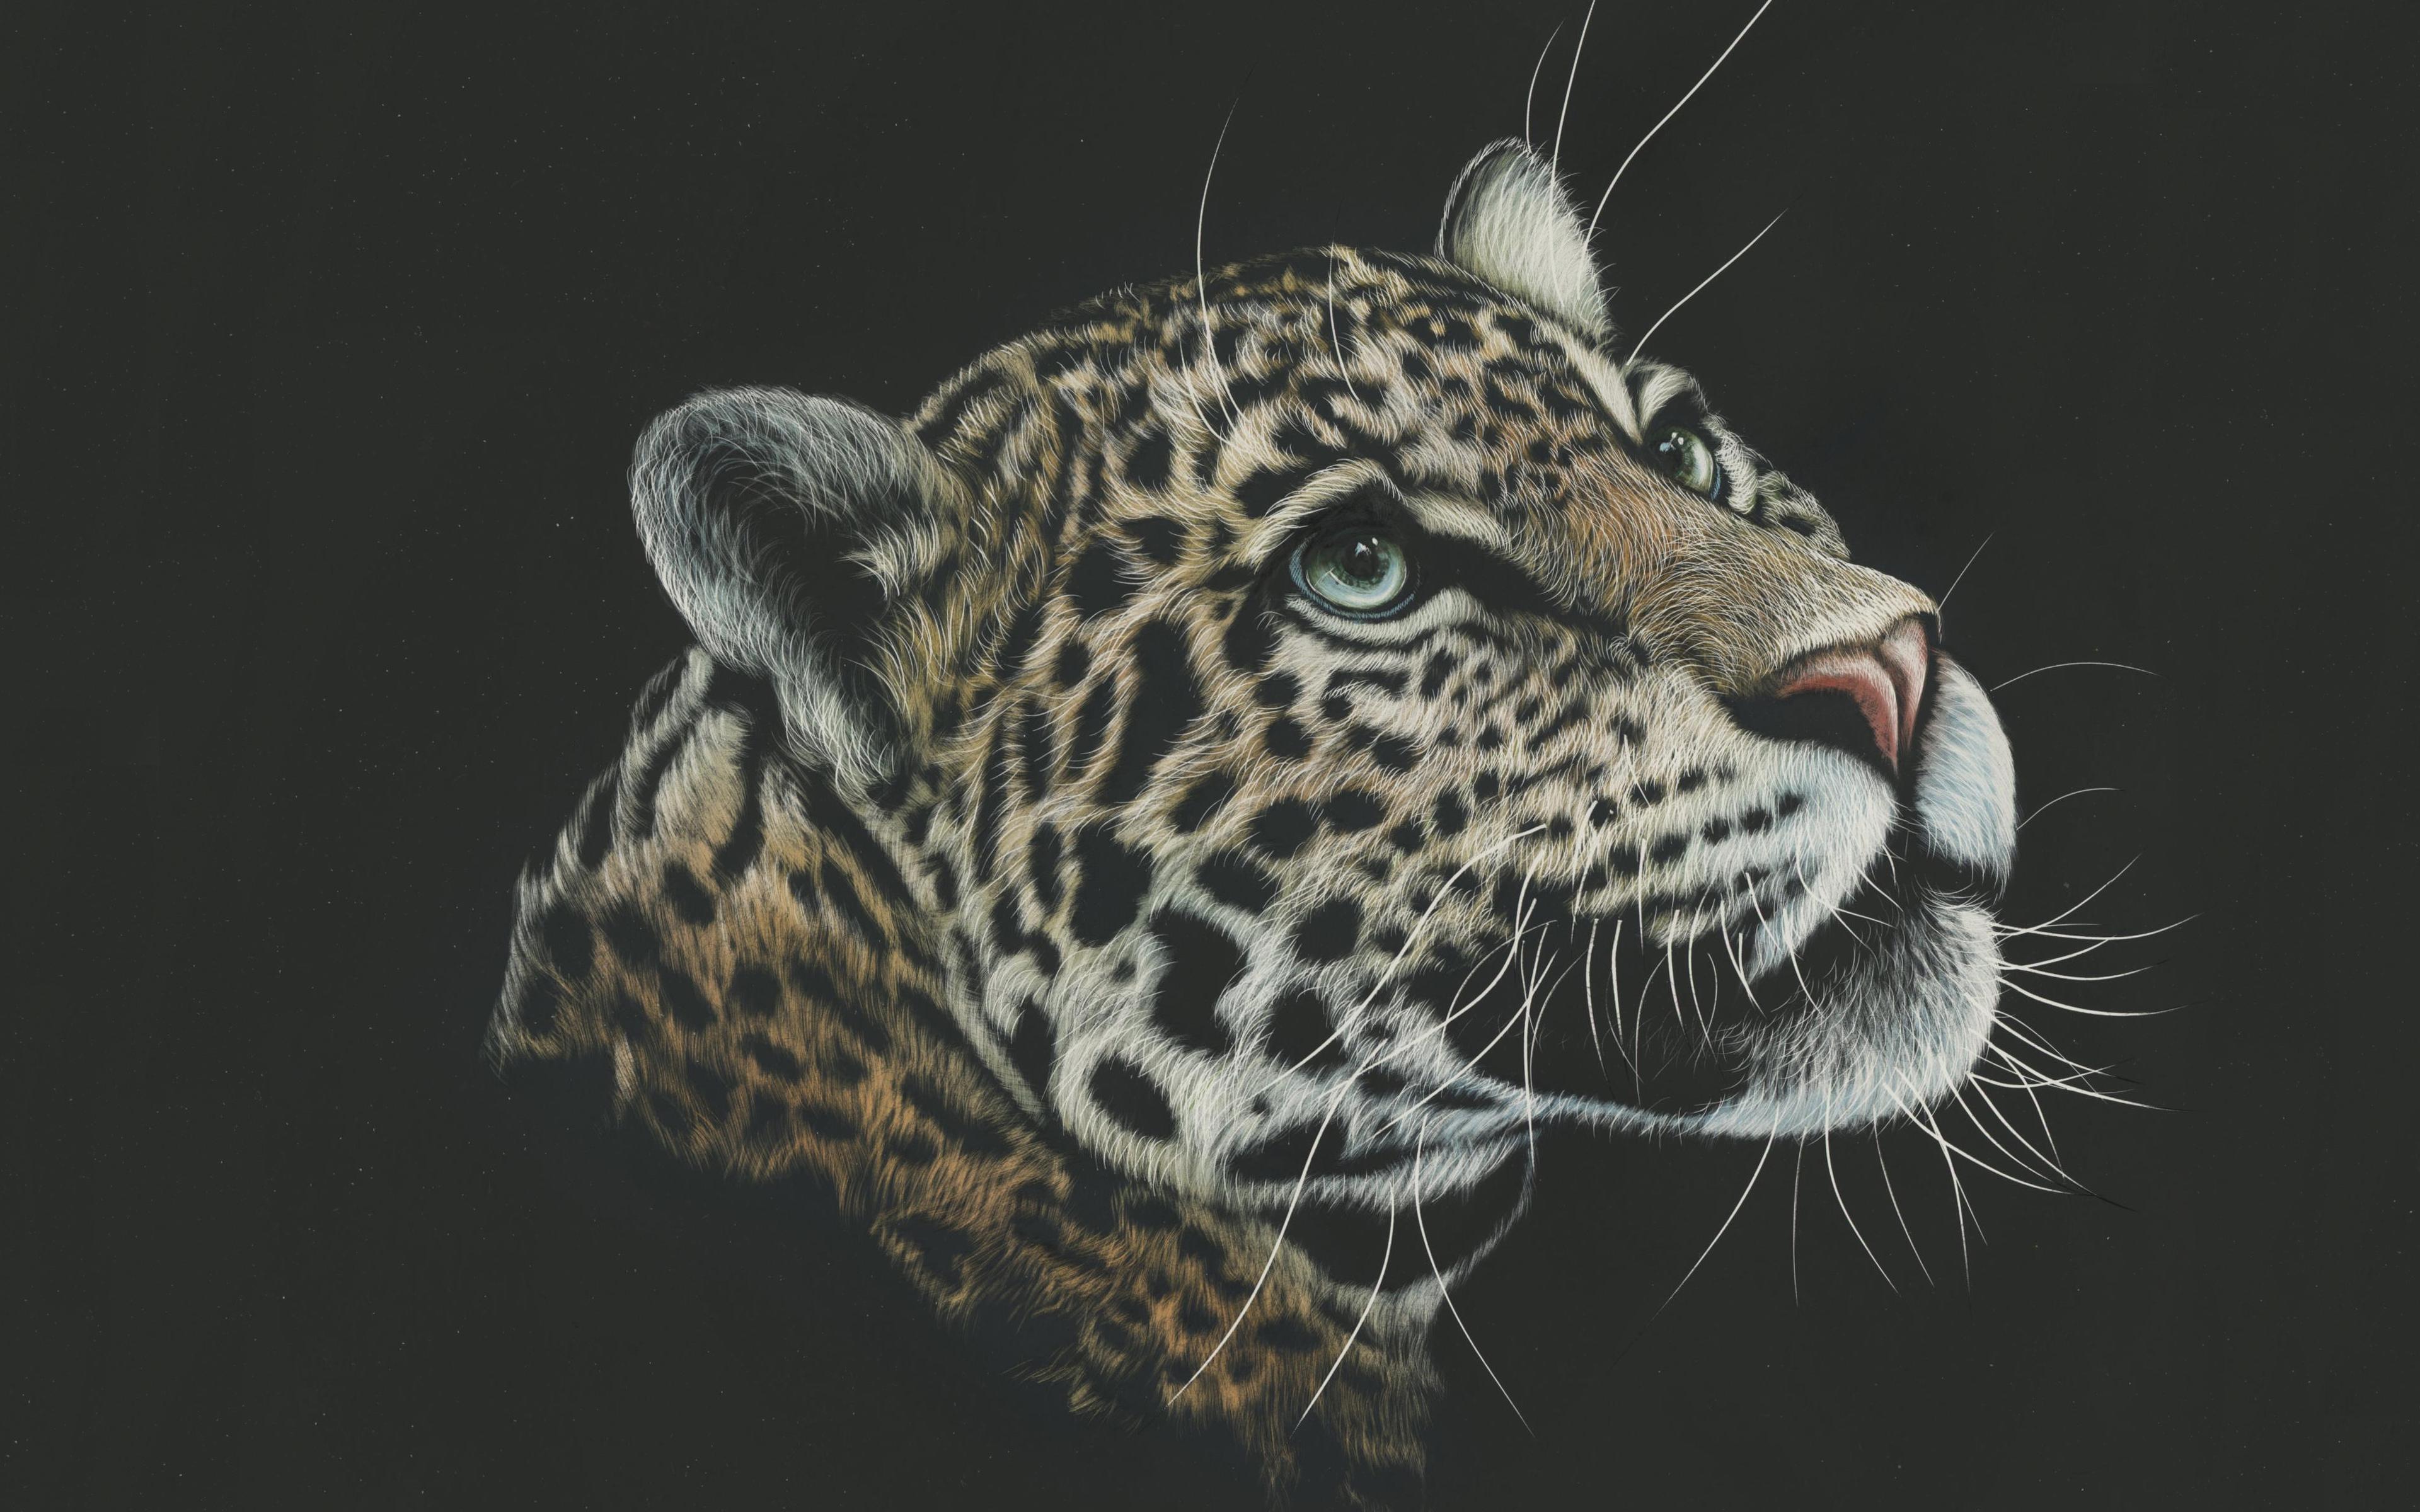 Леопард художественная краска обои скачать